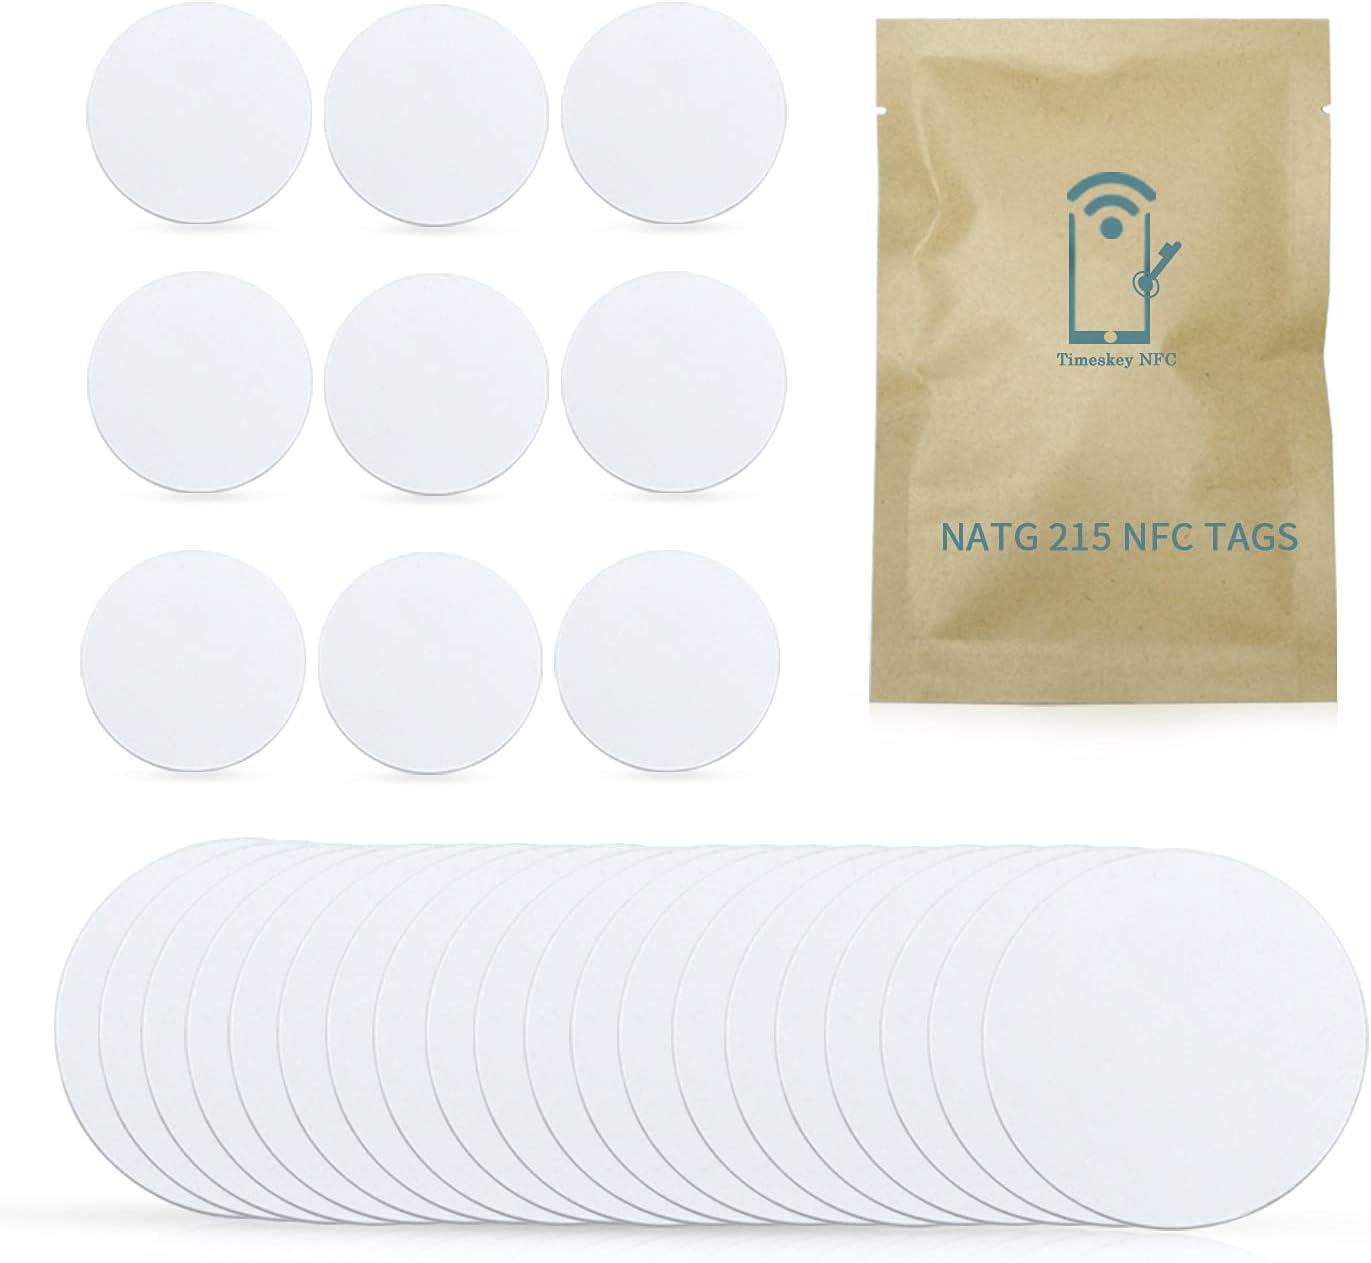 Carte NFC NTAG215 Les /étiquettes NFC Youmile 45PCS NTAG215 25mm NFC fonctionnent parfaitement avec TagMo Amiibo pour tous les smartphones et appareils compatibles NFC